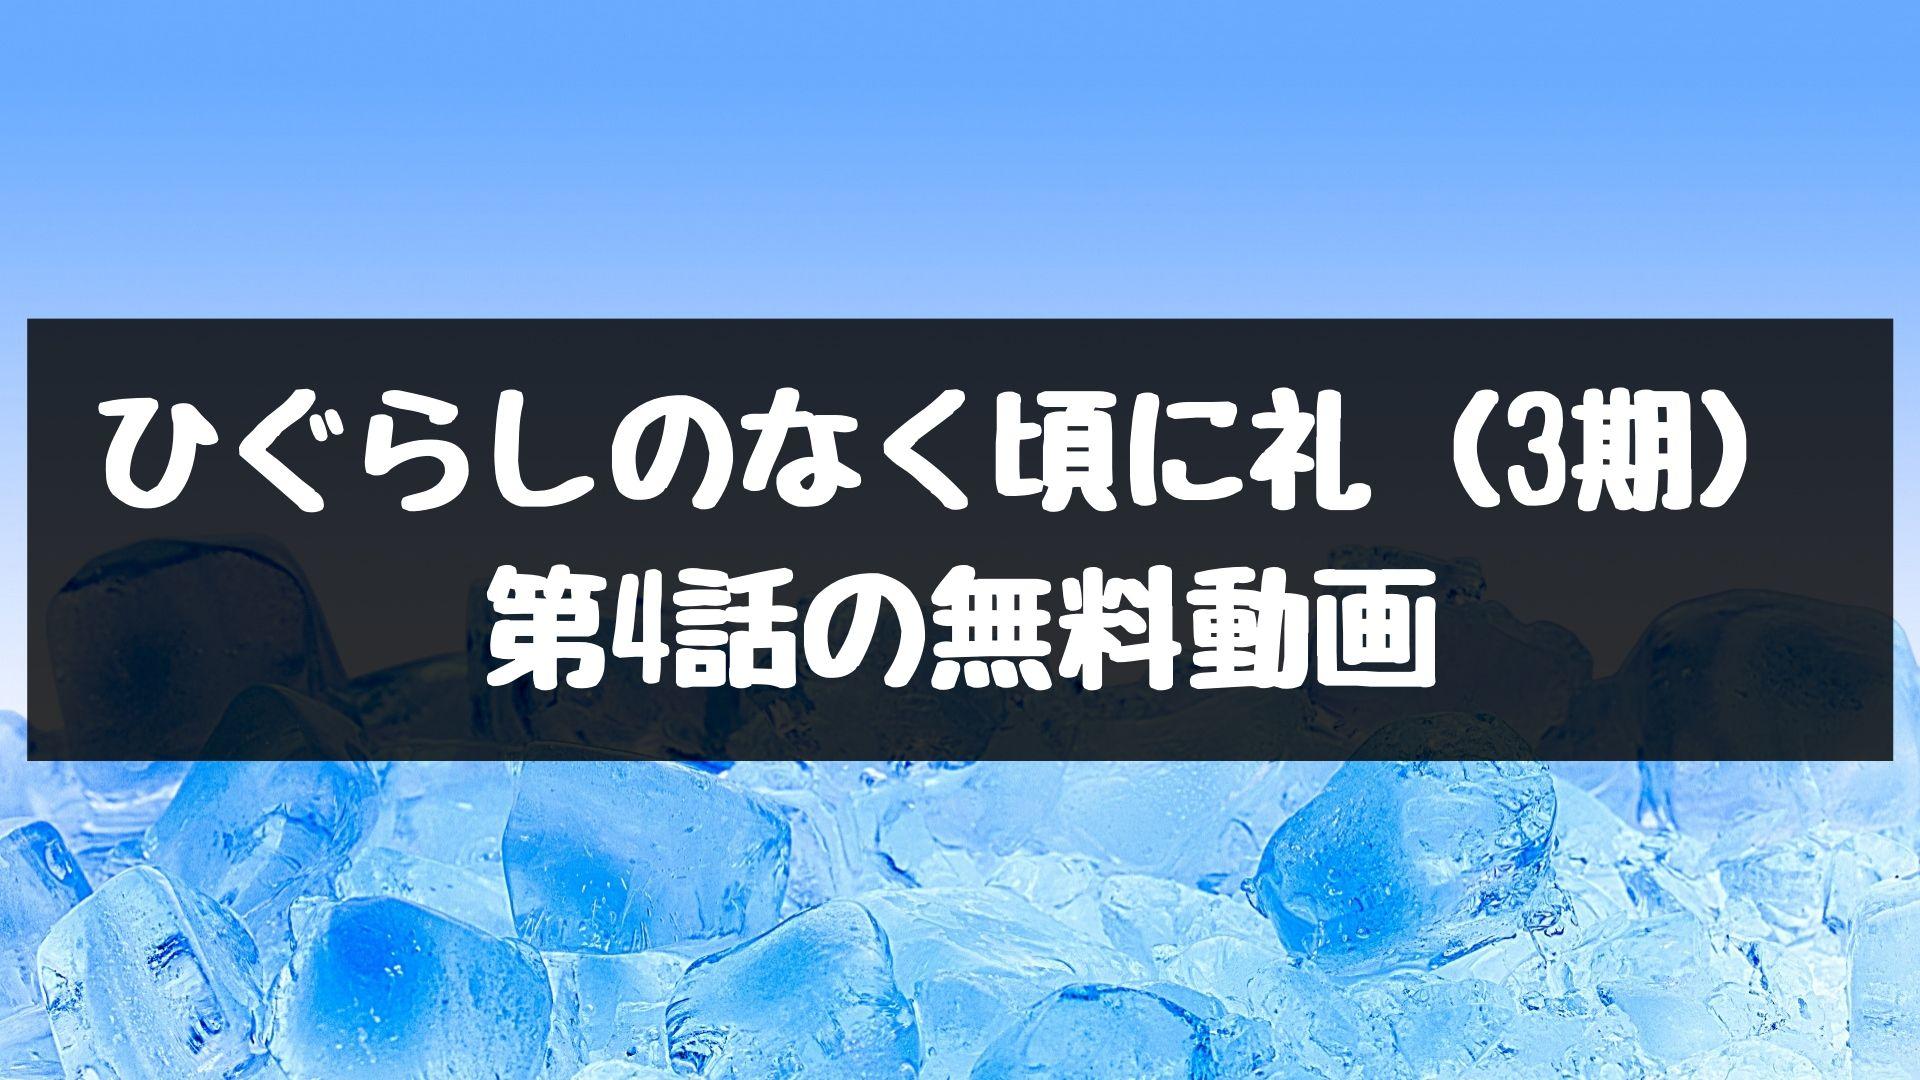 ひぐらしのなく頃に礼(3期) 第4話の無料動画